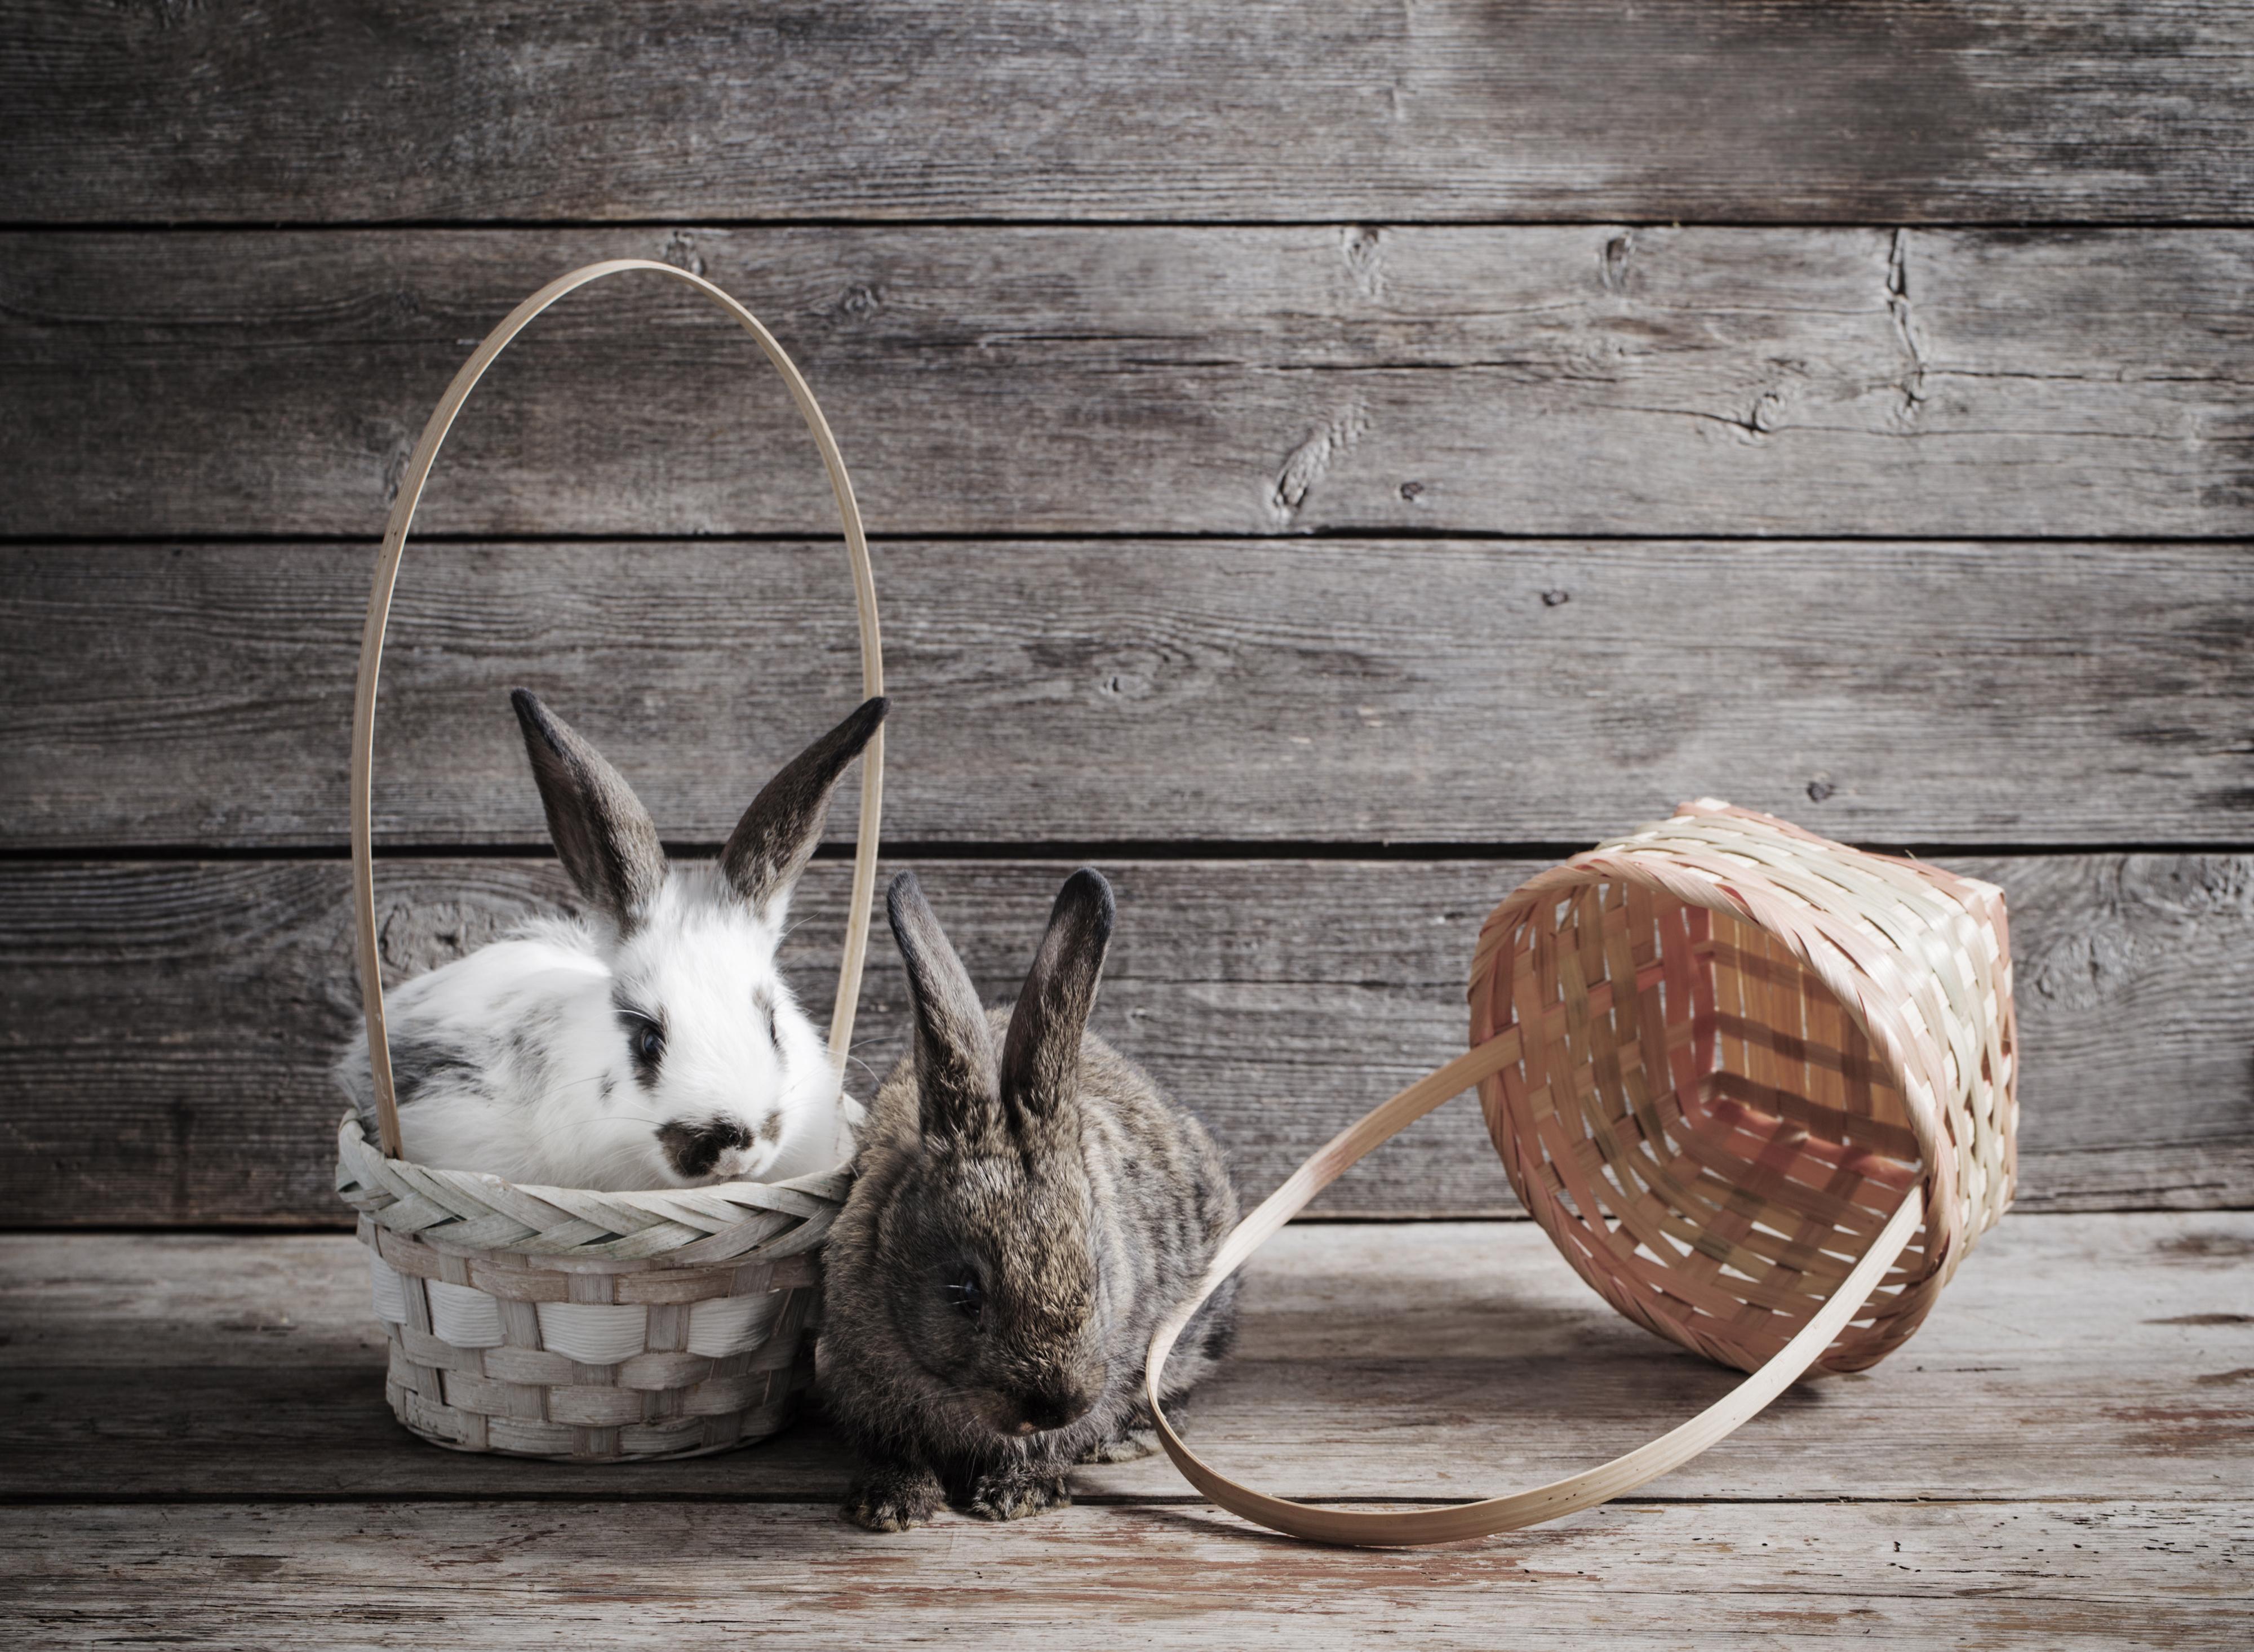 Фото Кролики две Корзина Стена животное Доски кролик 2 два Двое вдвоем корзины Корзинка стене стены стенка Животные